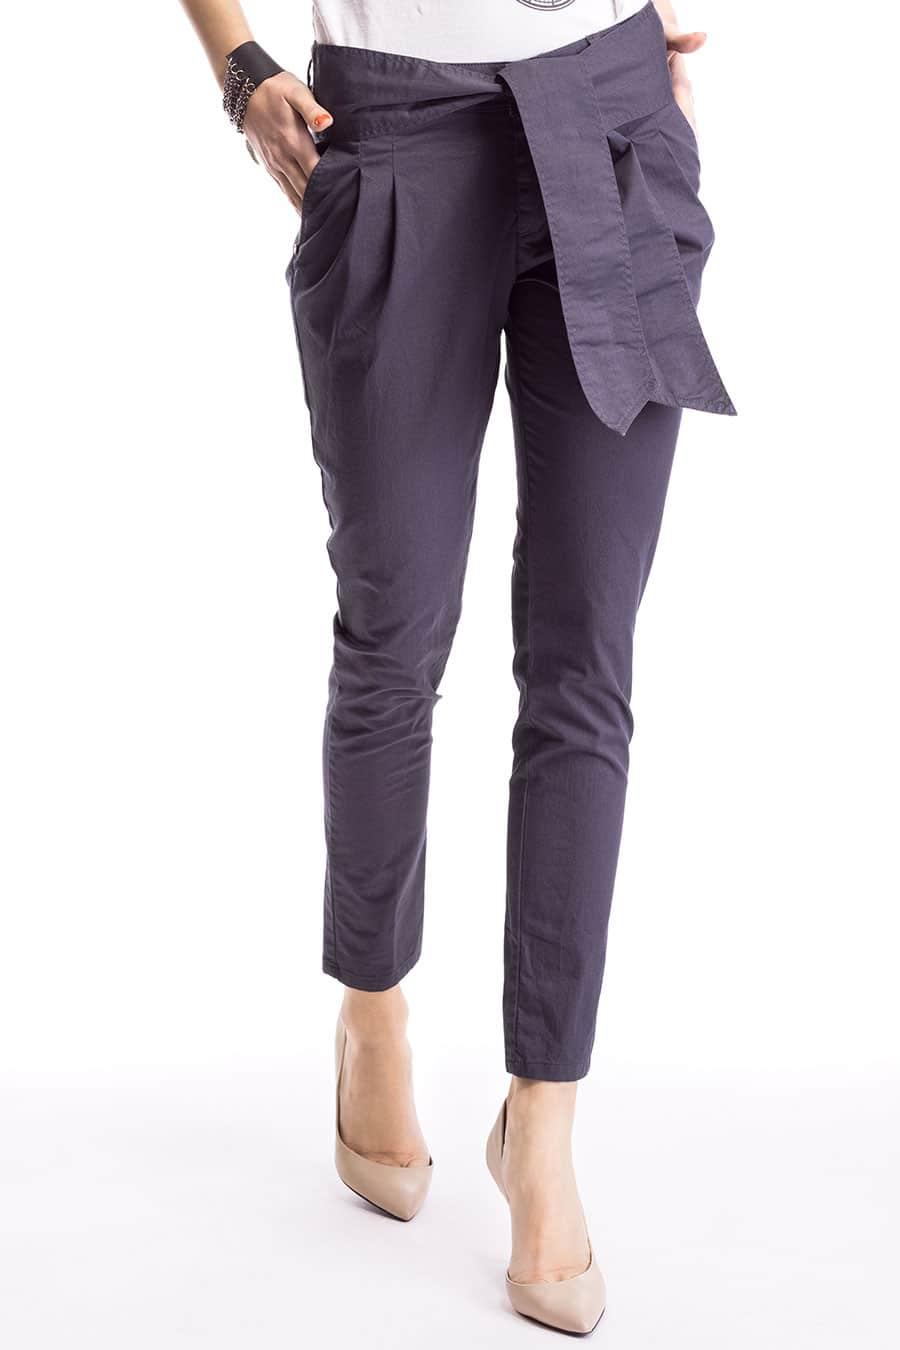 jagger-pantalone-ss2017-8